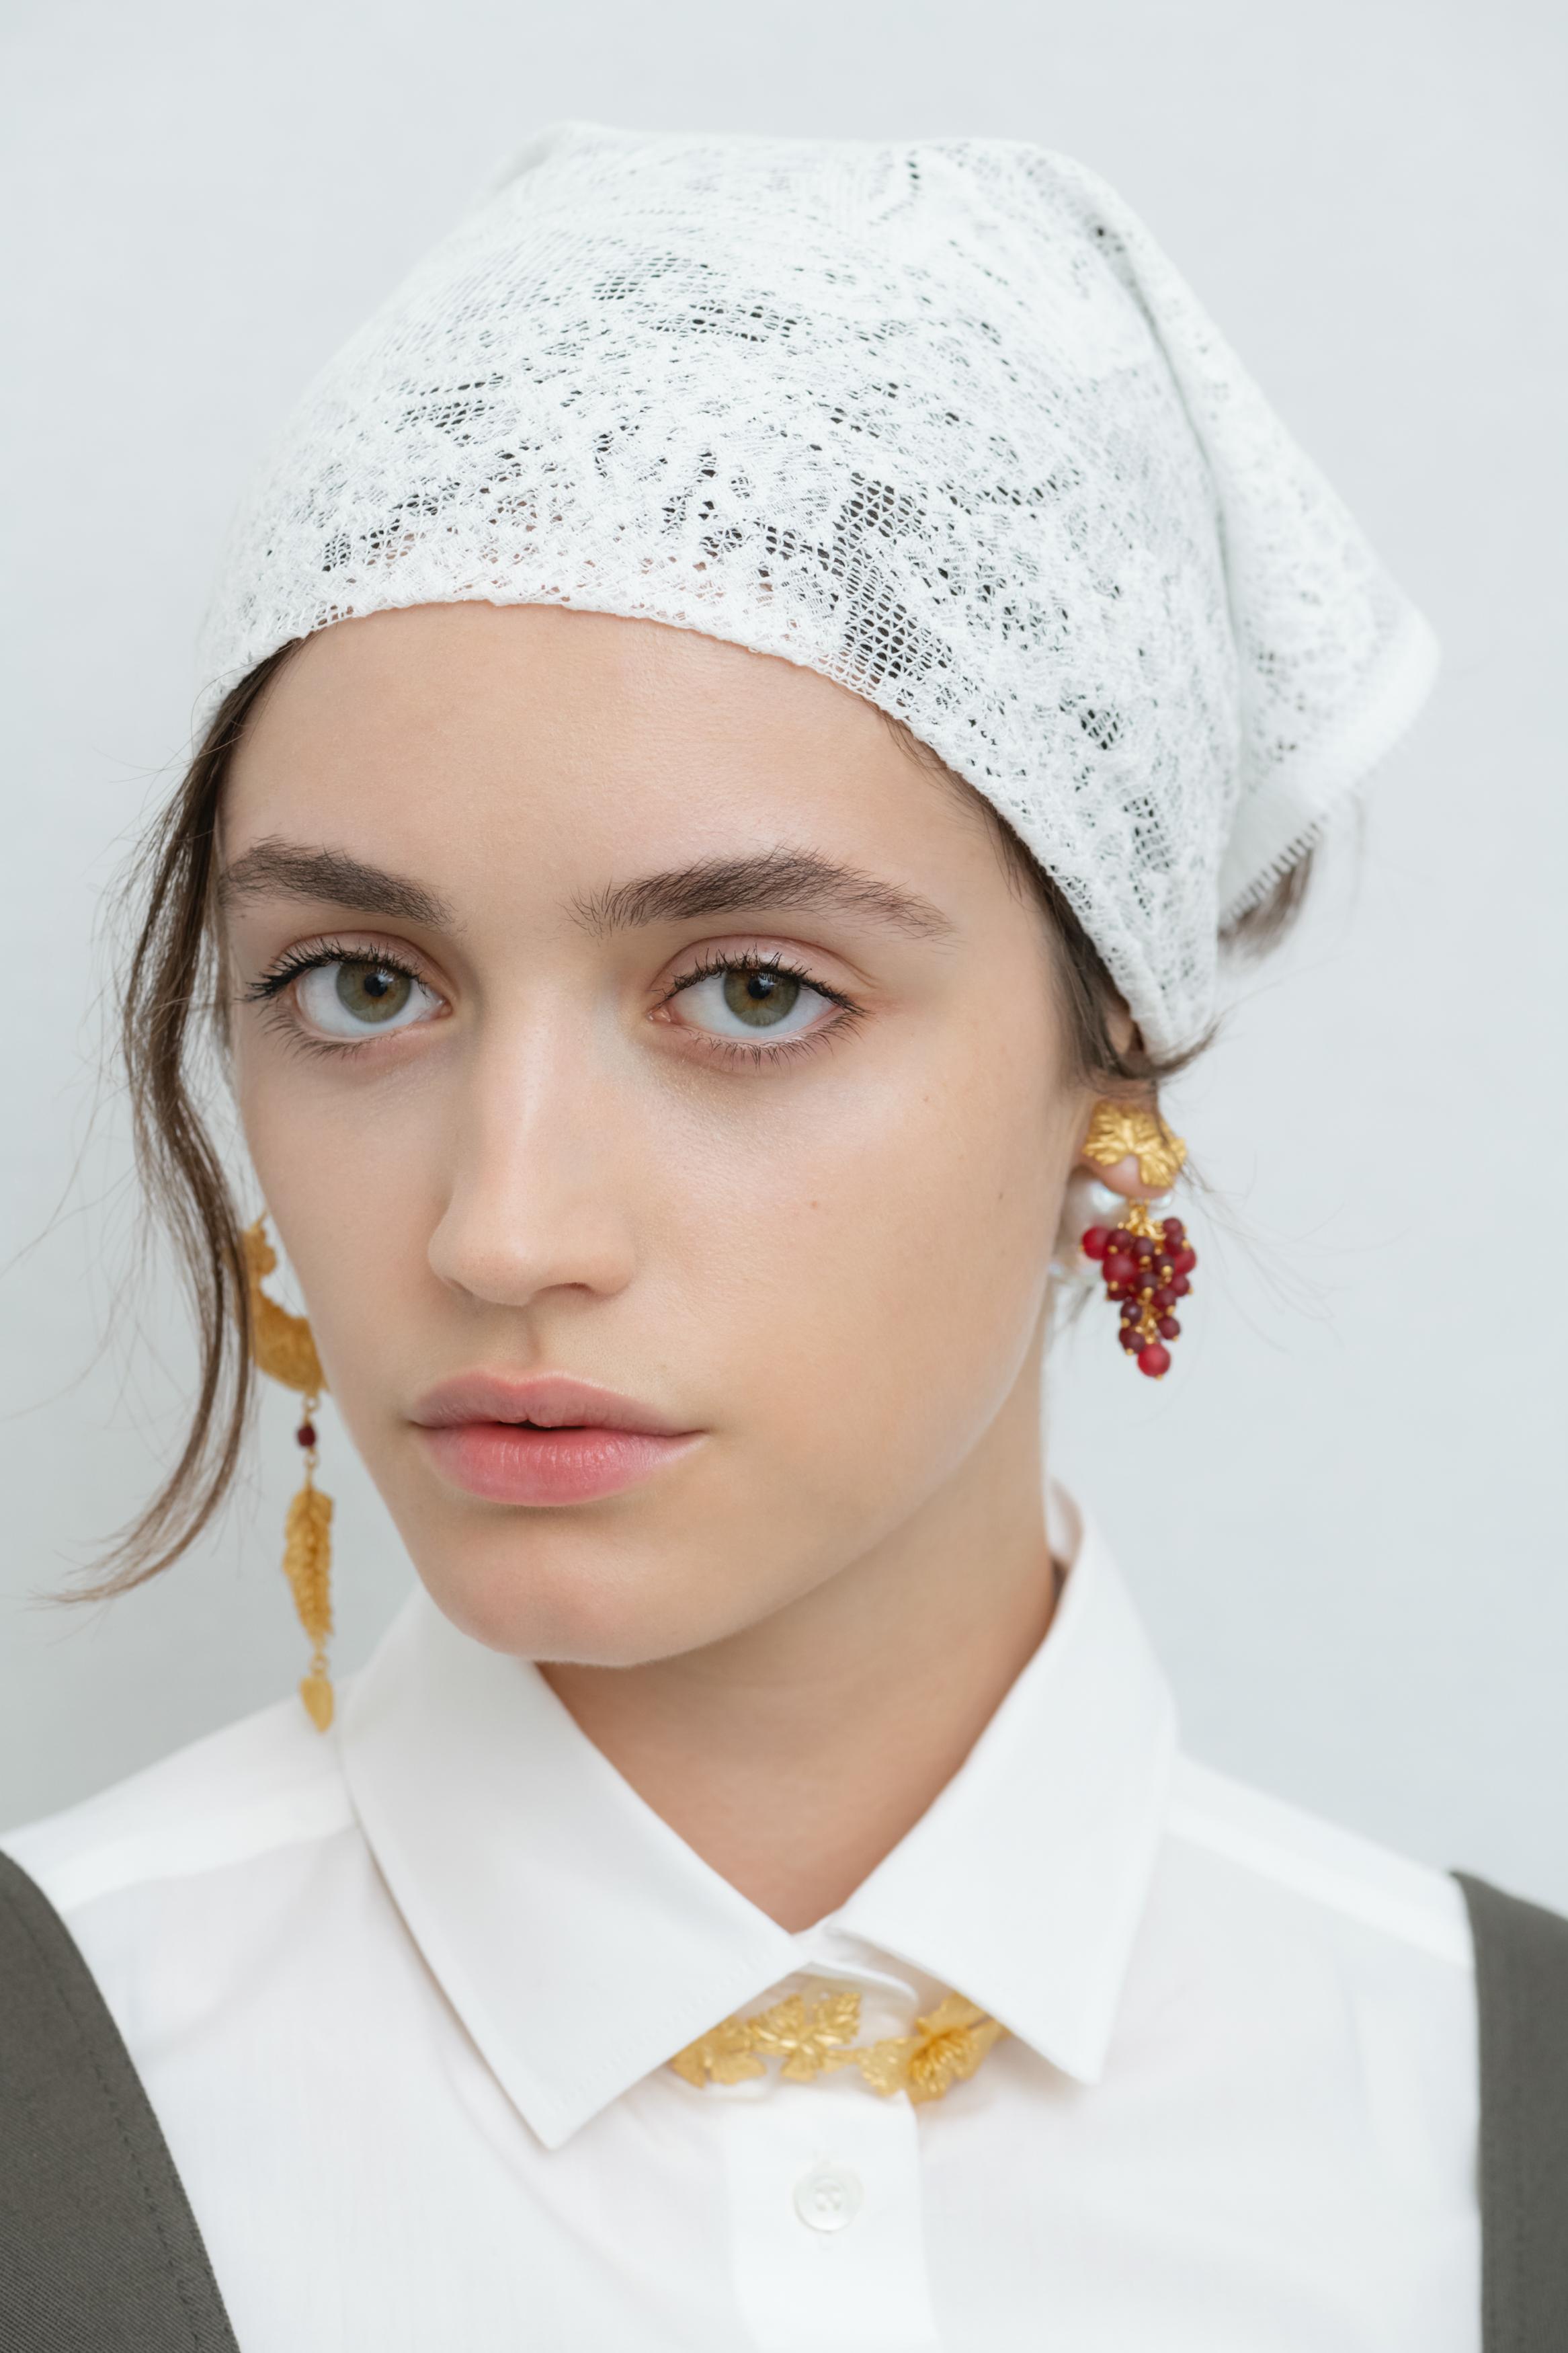 Αυτή θα είναι η μεγαλύτερη τάση στο μακιγιάζ και το 2021 σύμφωνα με το τελευταίο show του Dior!